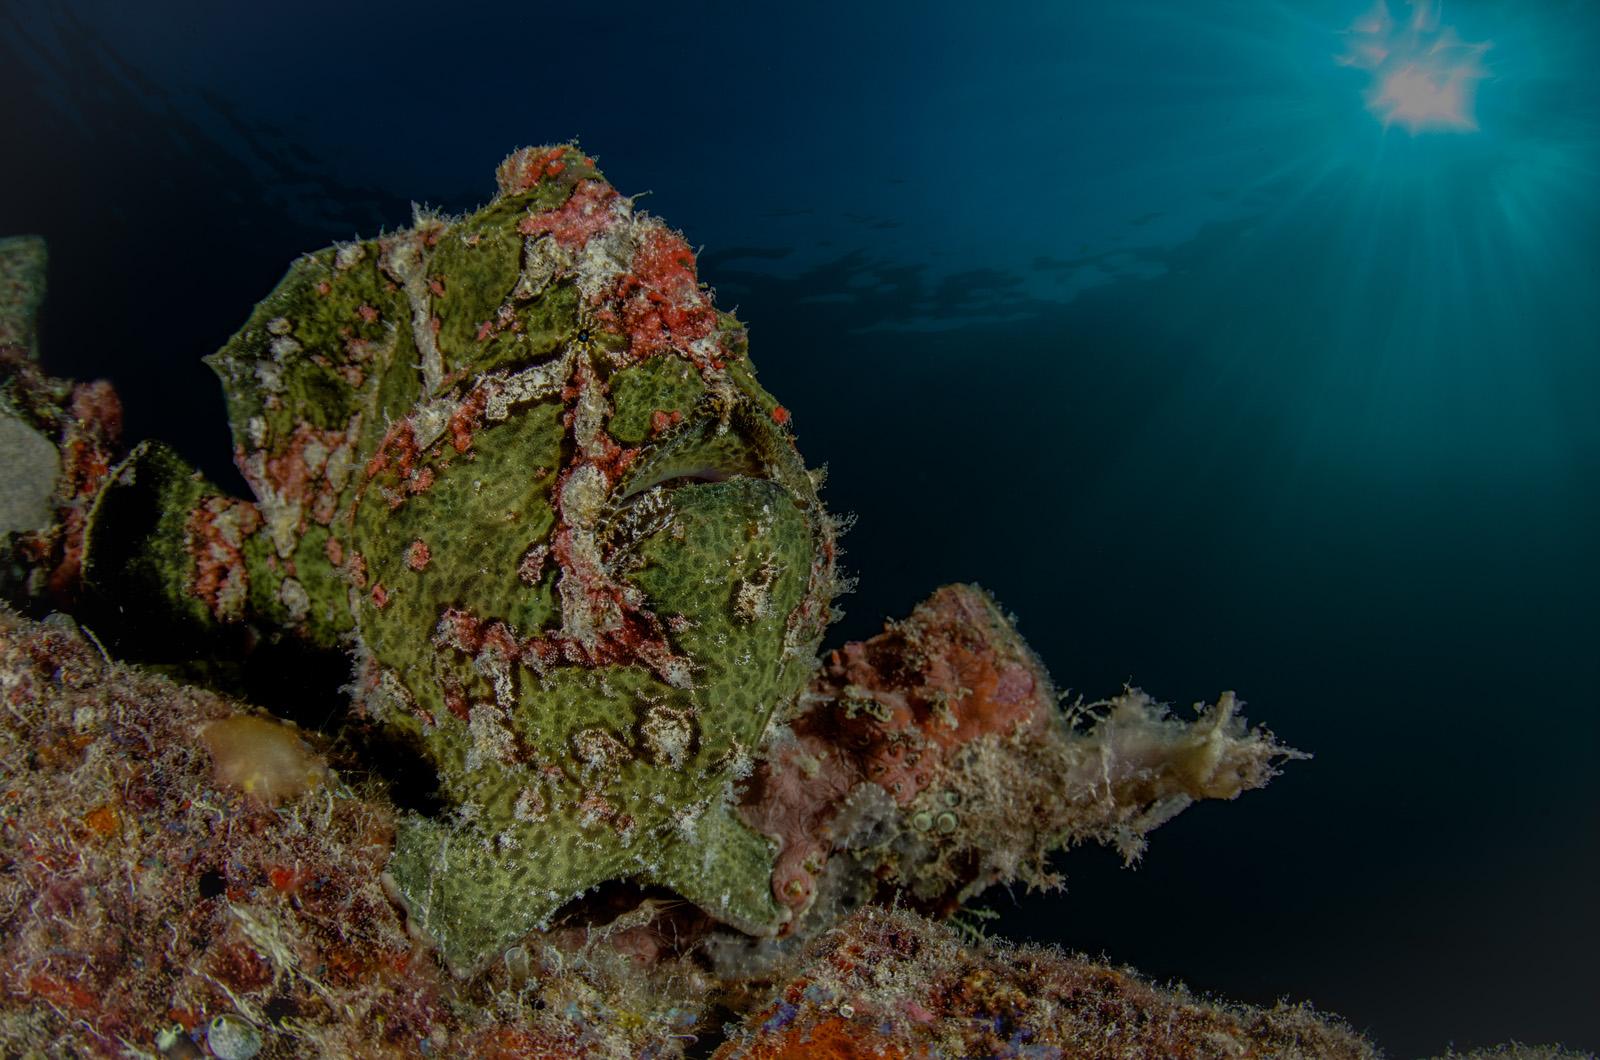 giant-frog-fish-antennarius-commersonii-mabul-island-tino-hermann.jpg